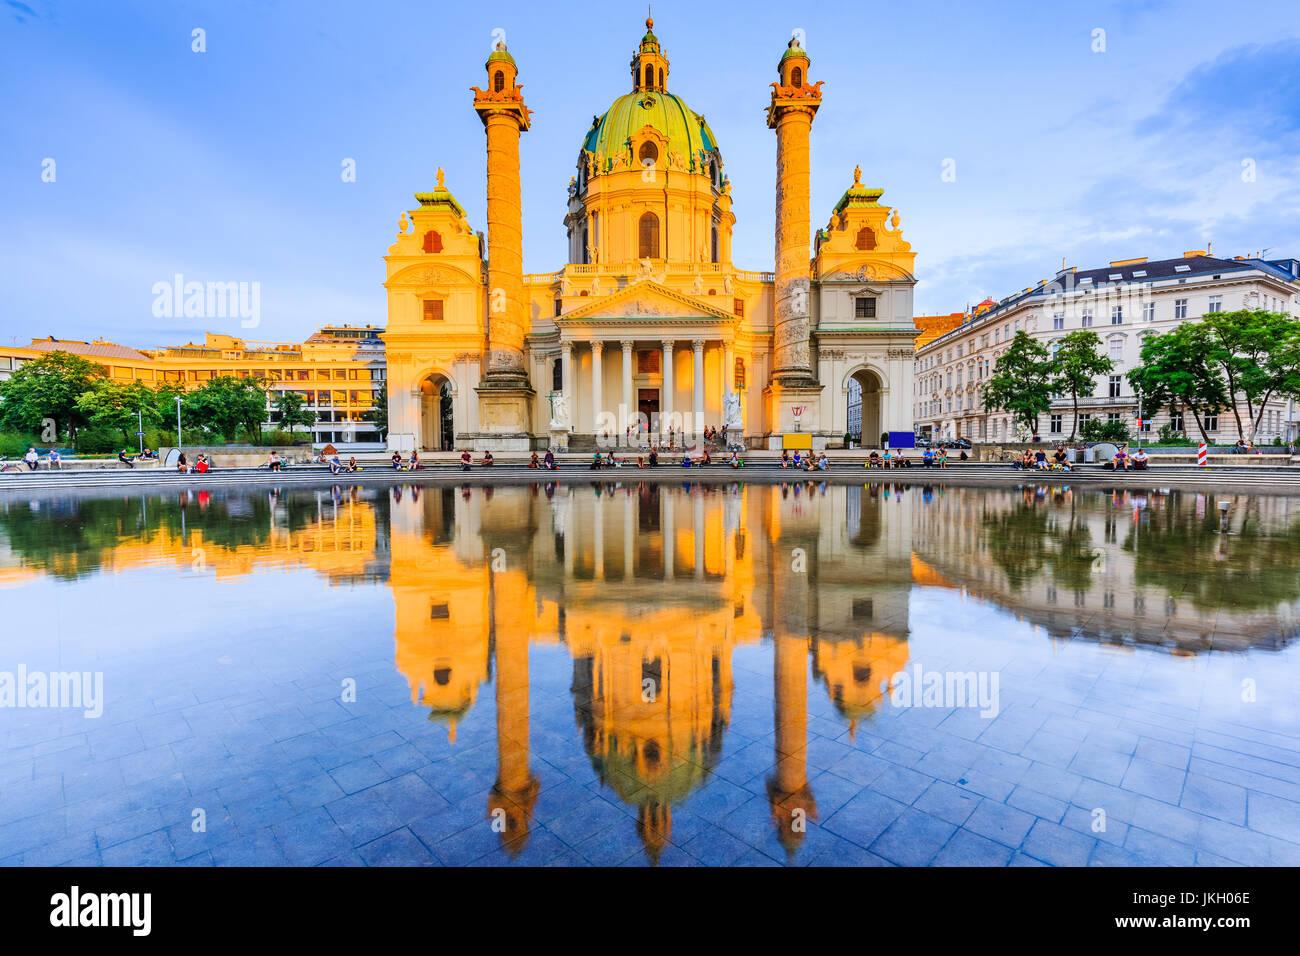 Wien, Österreich. Die Karlskirche (Karlskirche) bei Sonnenuntergang. Stockbild